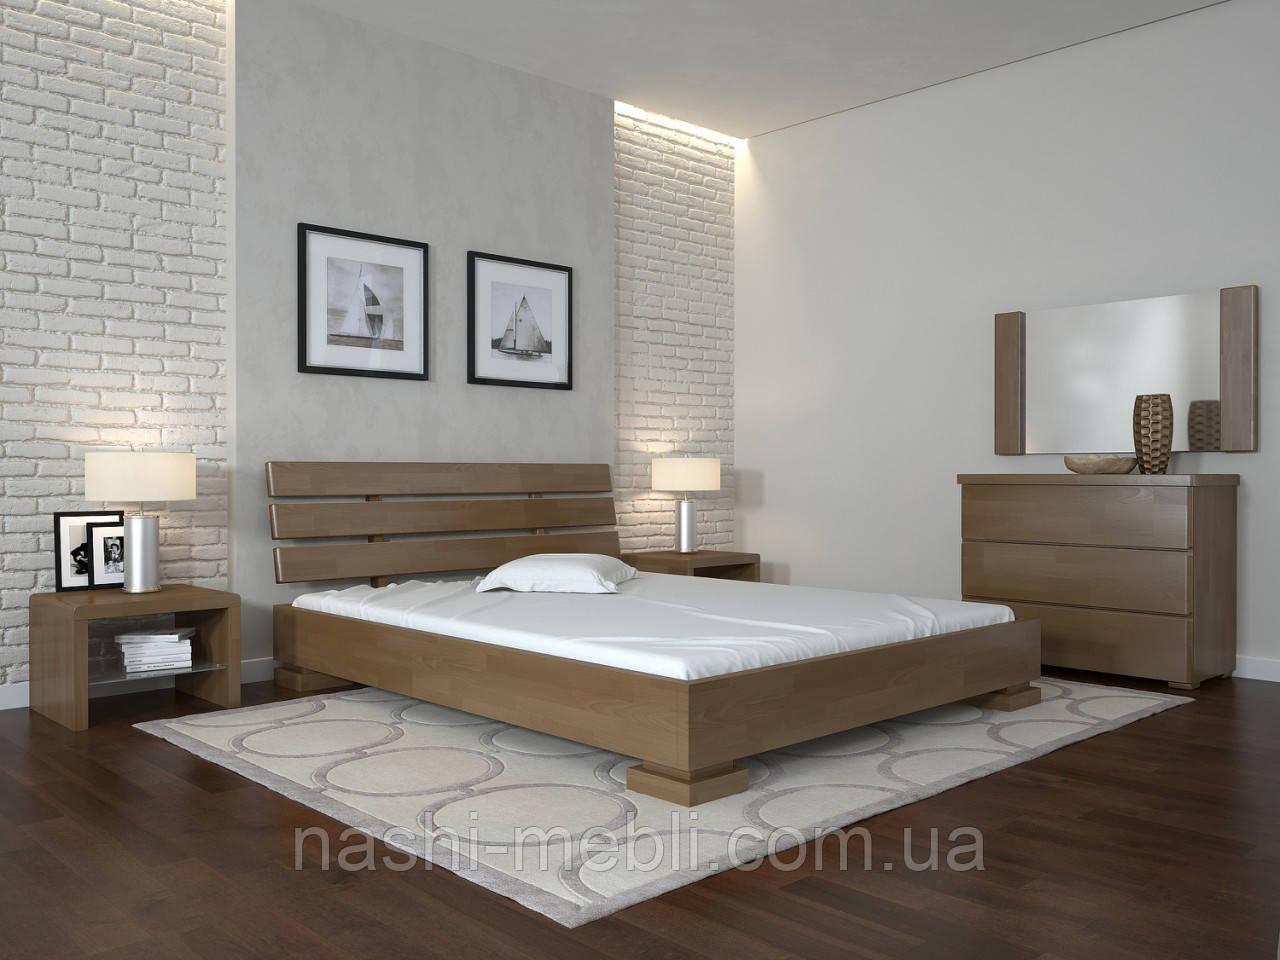 Двоспальне ліжко Прем'єр